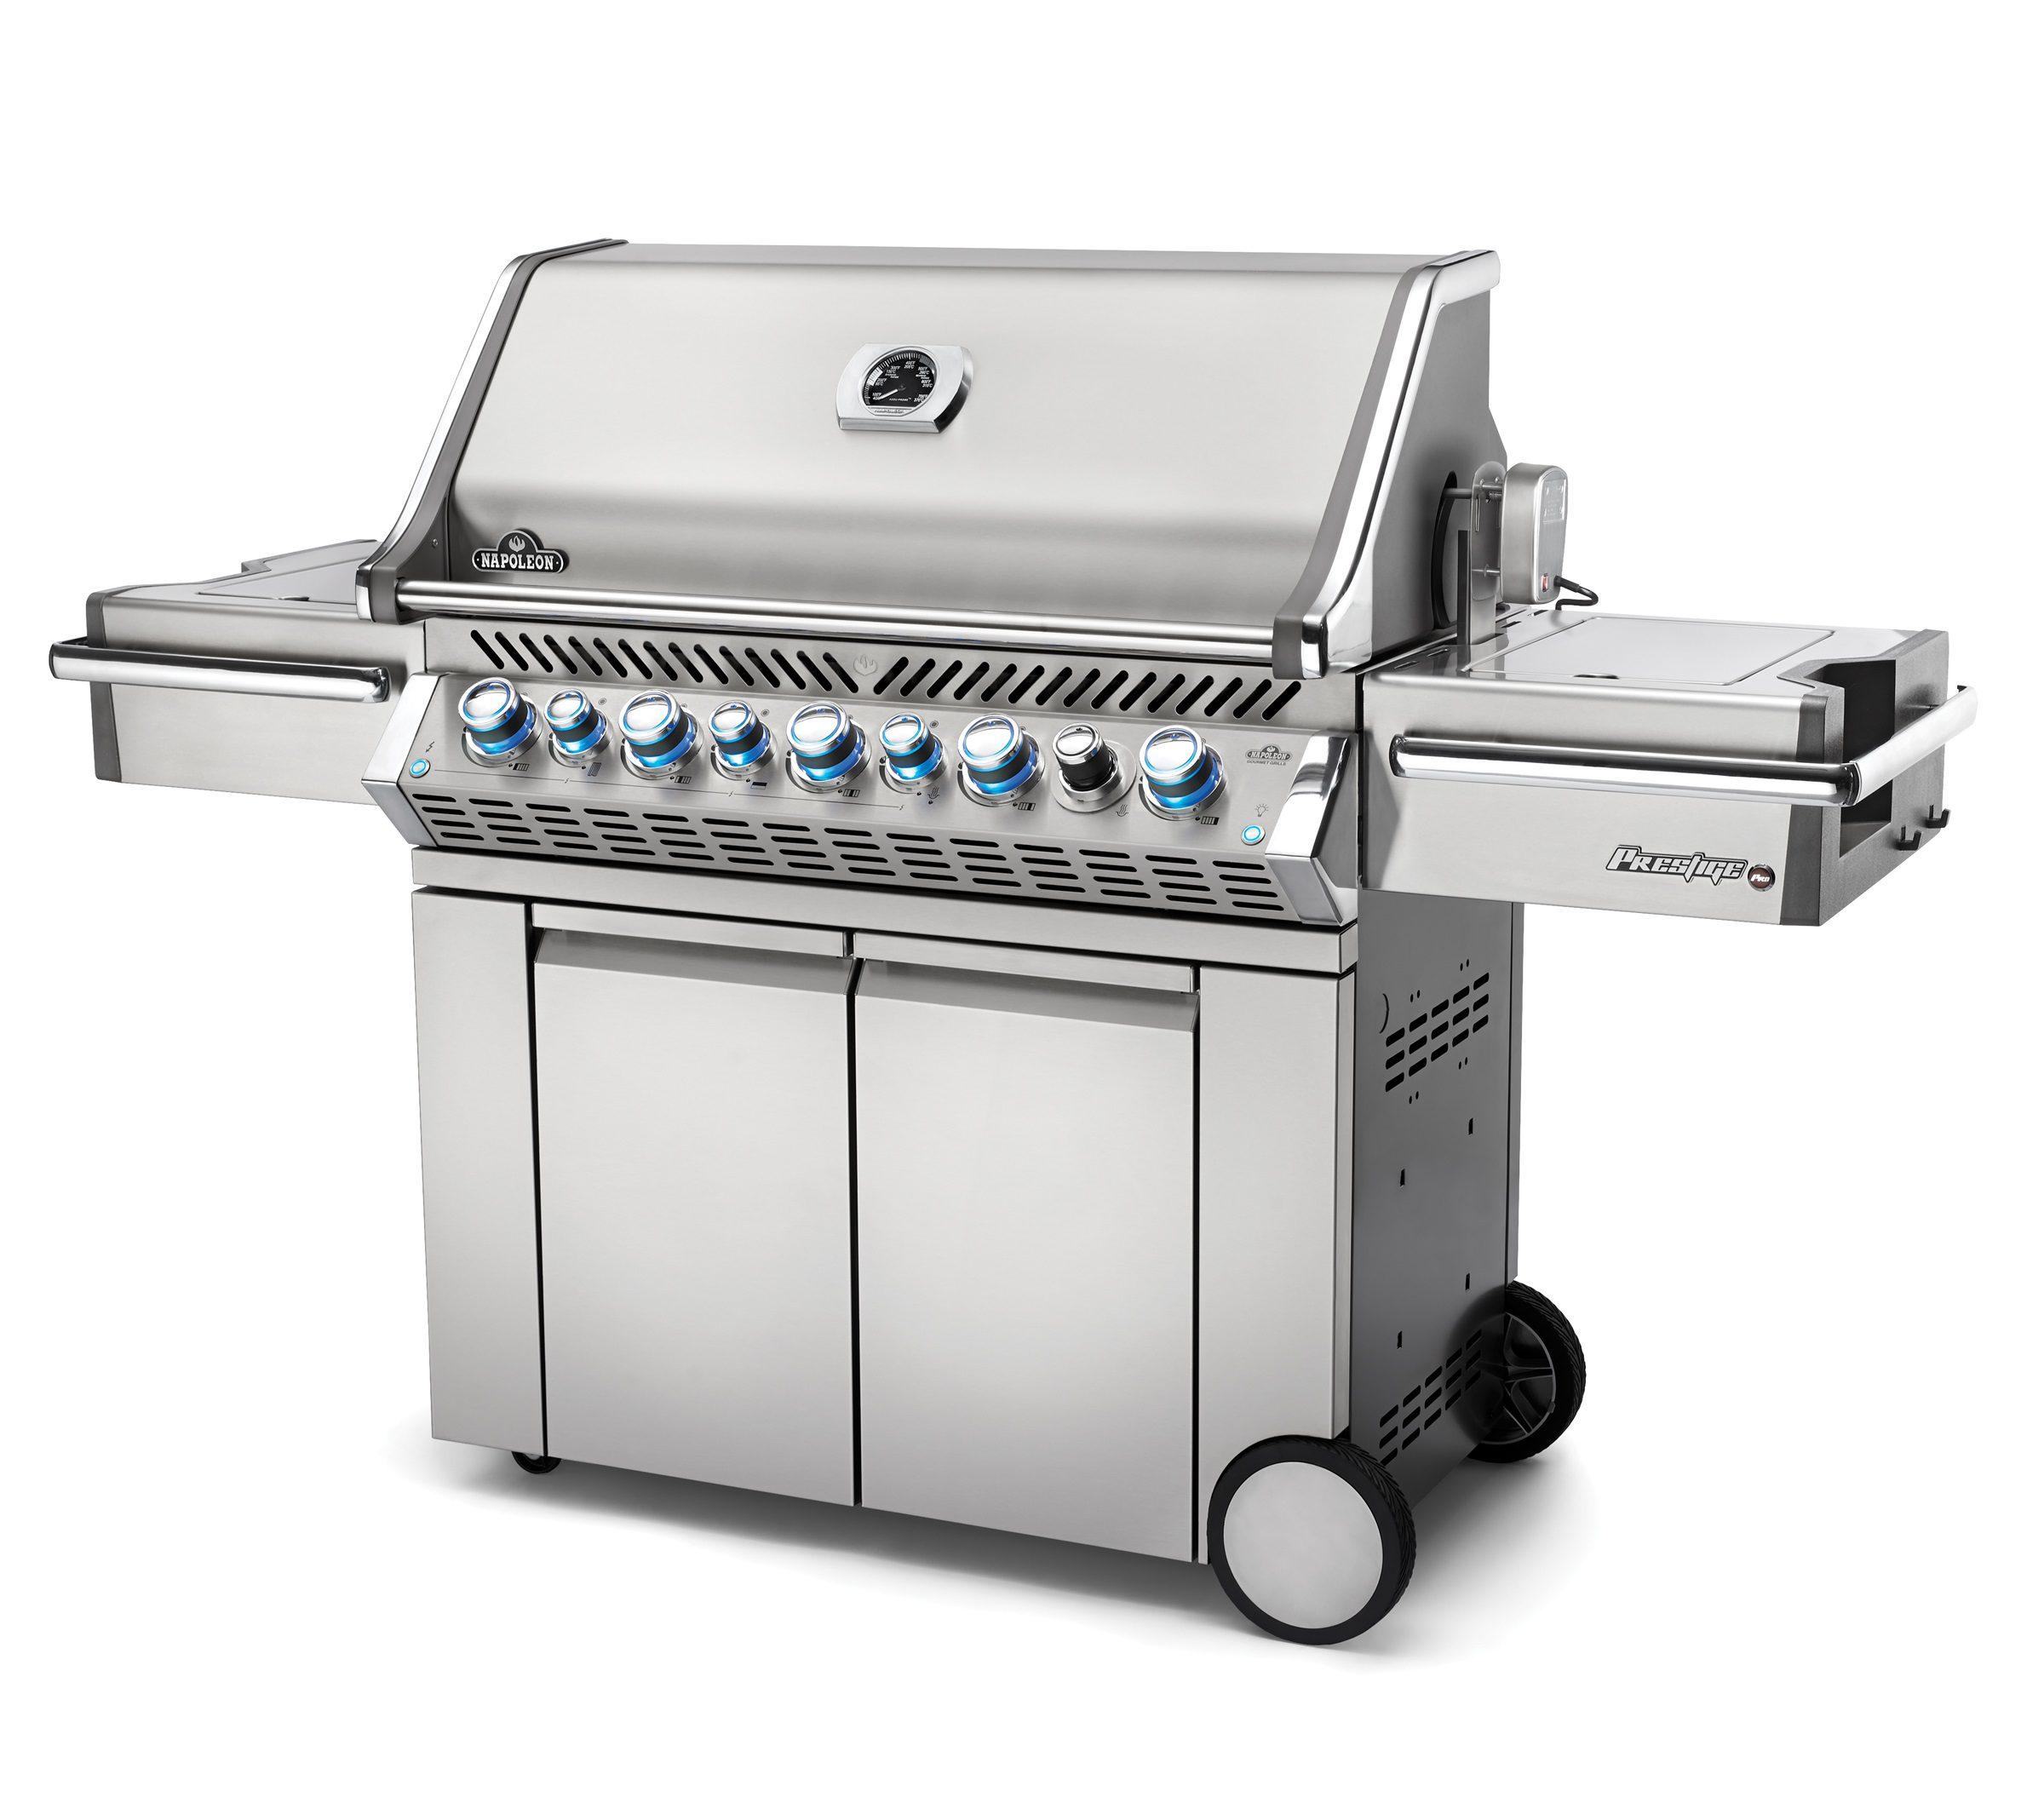 Napoleon Prestige Pro 665 Barbecue